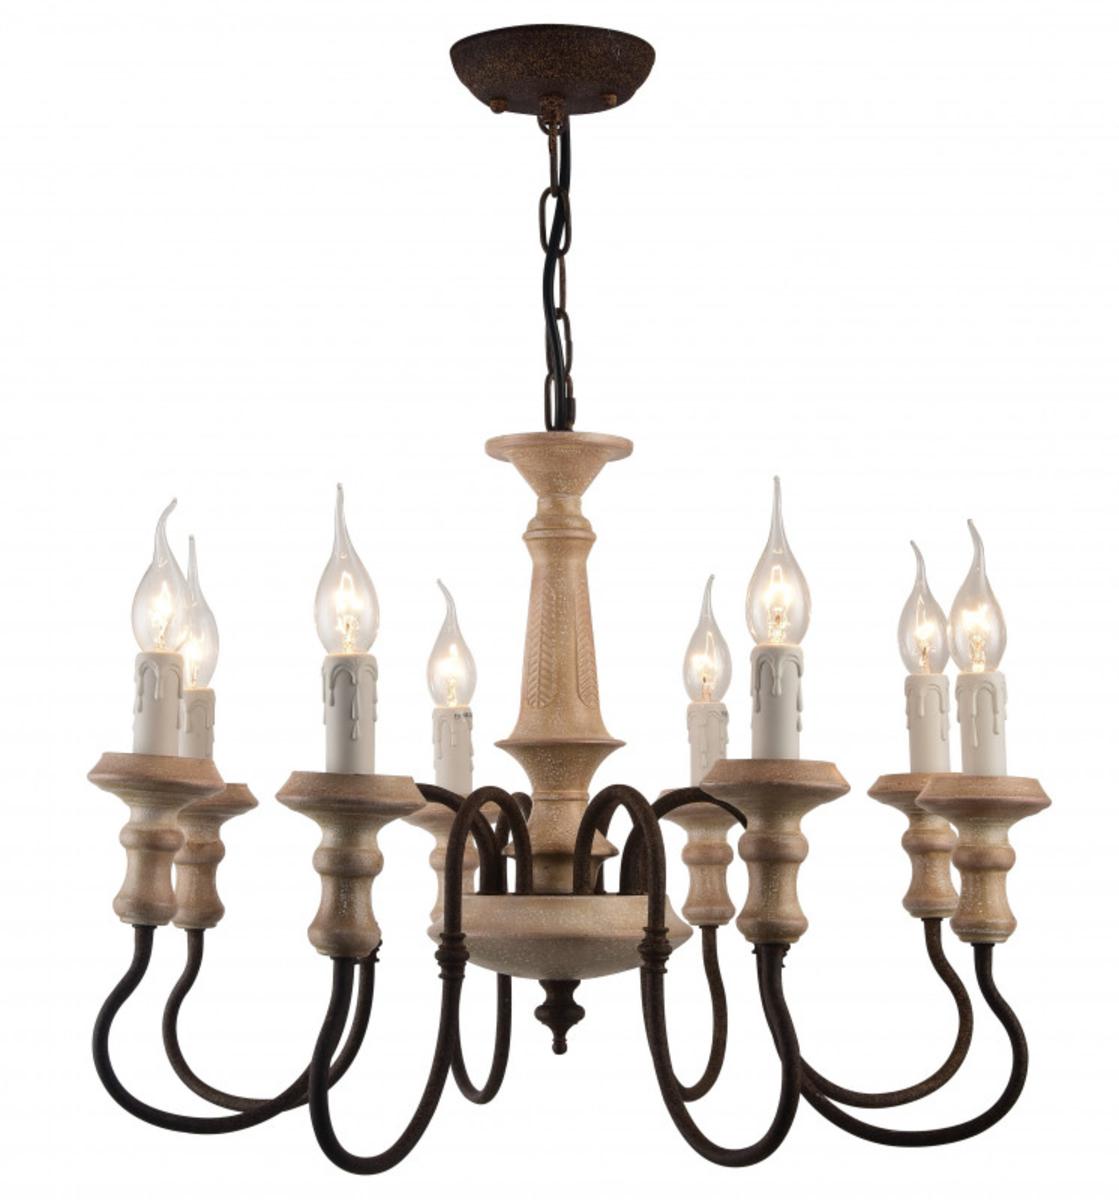 Купить Подвесная люстра Woodstock Подвесная люстра ARTE Lamp A1700LM-8BR (13776), HomeMe